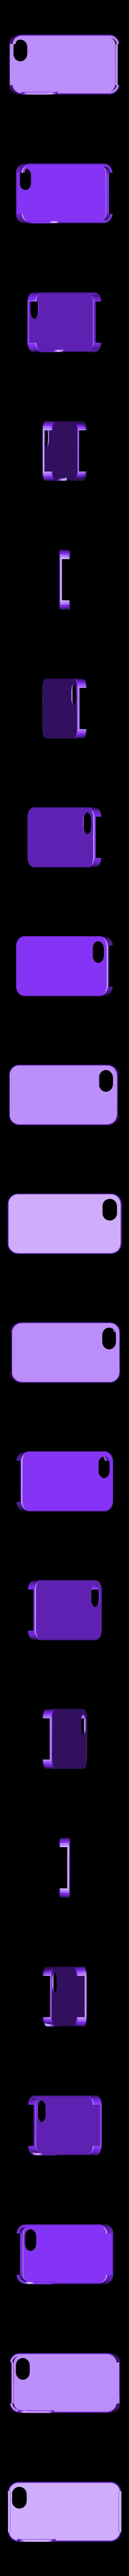 makerbot_customizable_iphone_case_v20_20140506-19367-1g3oj7v-0.stl Télécharger fichier STL gratuit Mon étui de pochoir personnalisé pour iPhone • Plan pour impression 3D, usg03